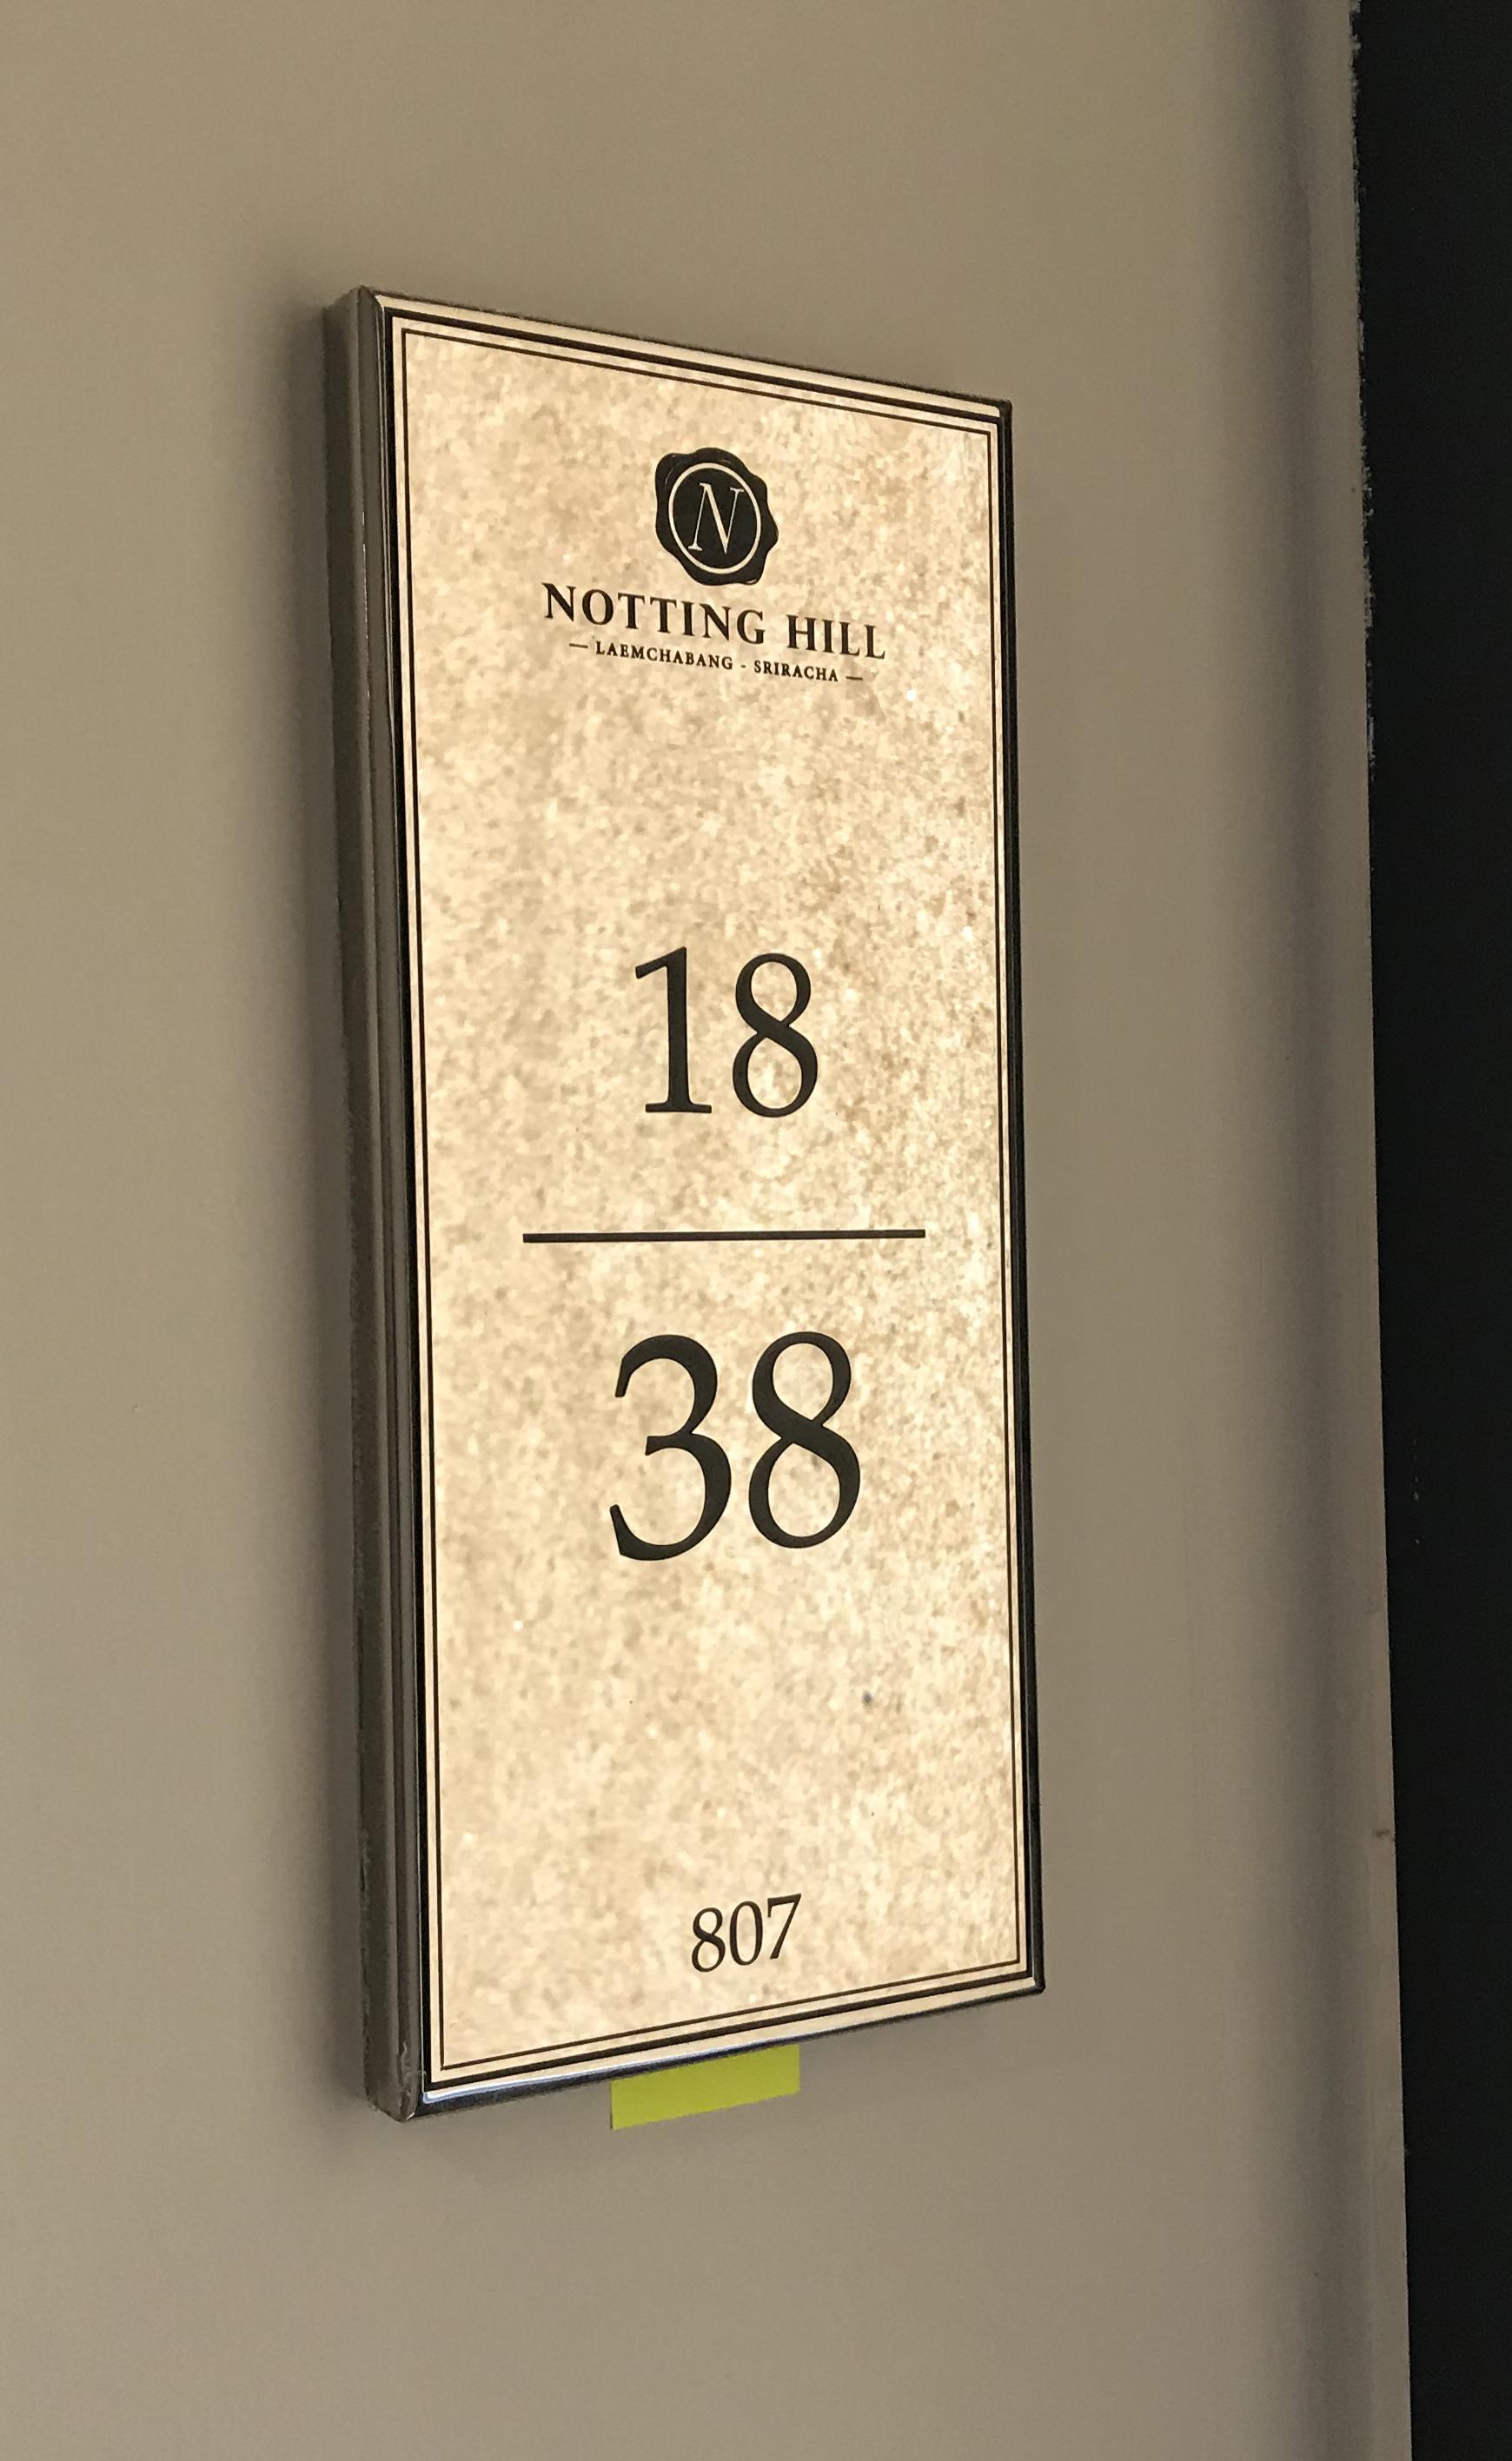 ป้ายบ้านเลขที่ สแตนเลสกัดกรด Notting Hill แหลมฉบัง